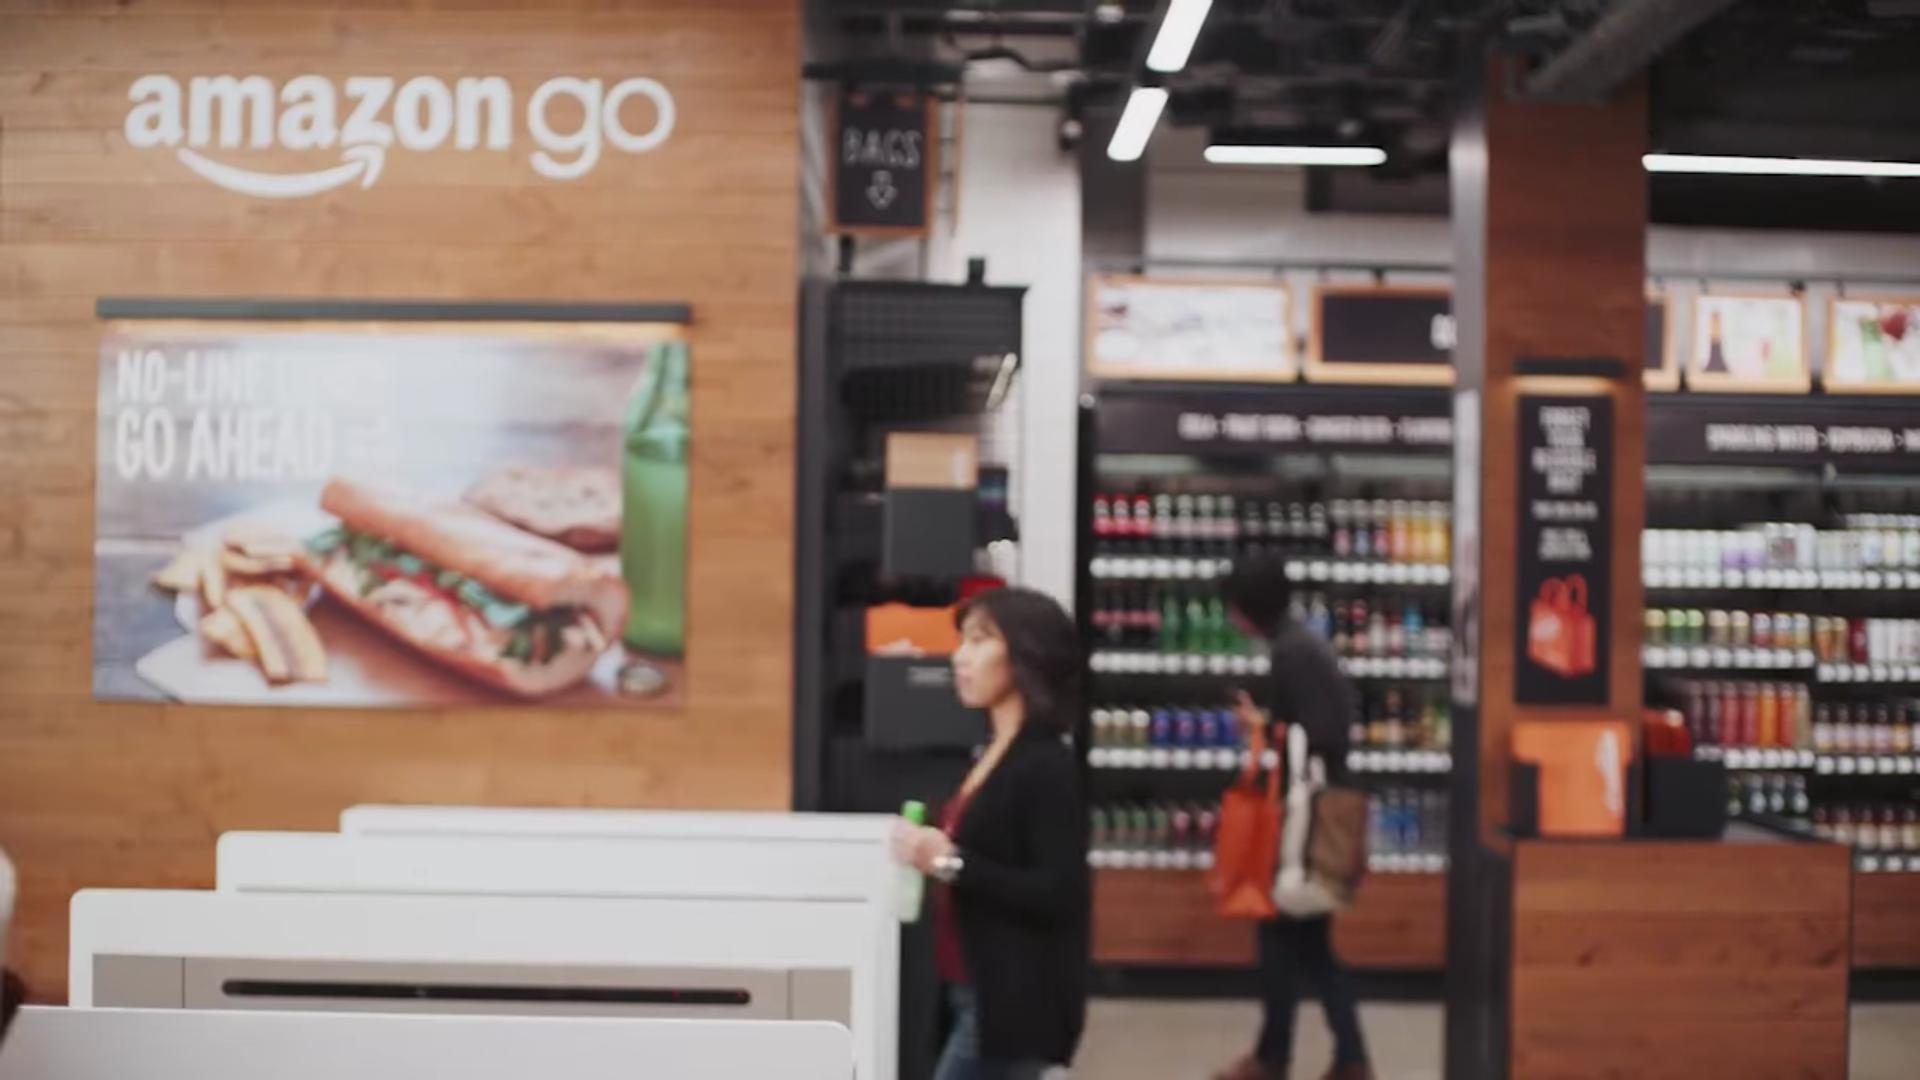 33b71cce Amazon GO – butikken uten kasser. Gjennom kameraer, sensorer og  maskinlæring skaper de en sømløs handleopplevelse. Se film HER. Foto:  Amazon.